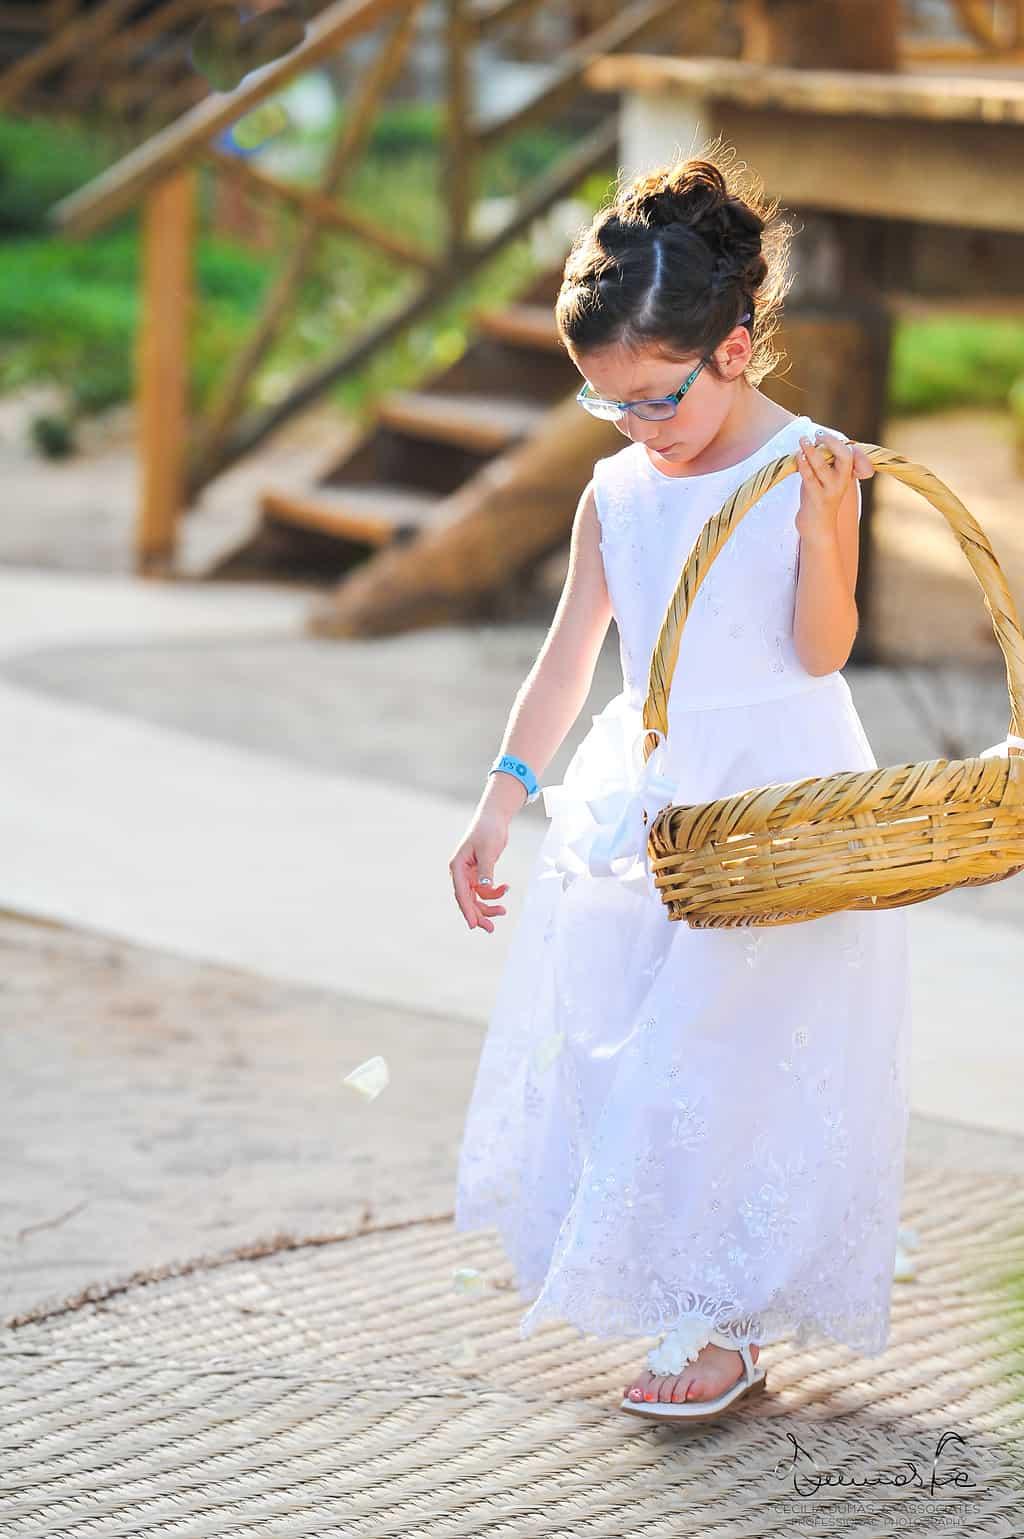 mahekalhotel-playadelcarmen-weddingphotography-lindseyalfredo66